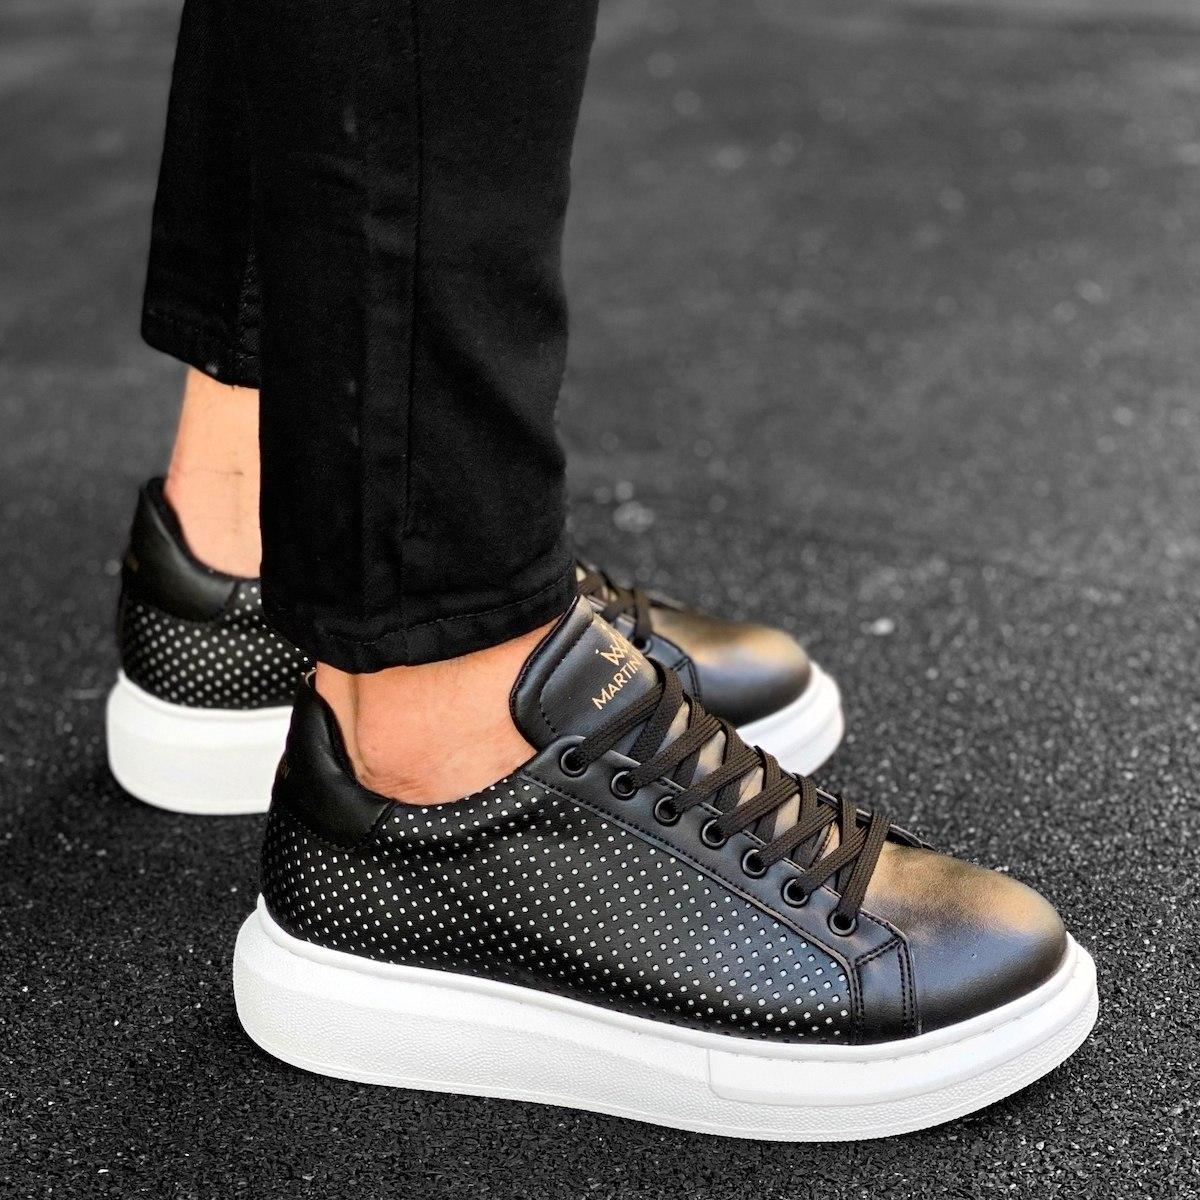 Mega Side-Mesh Sneakers in...